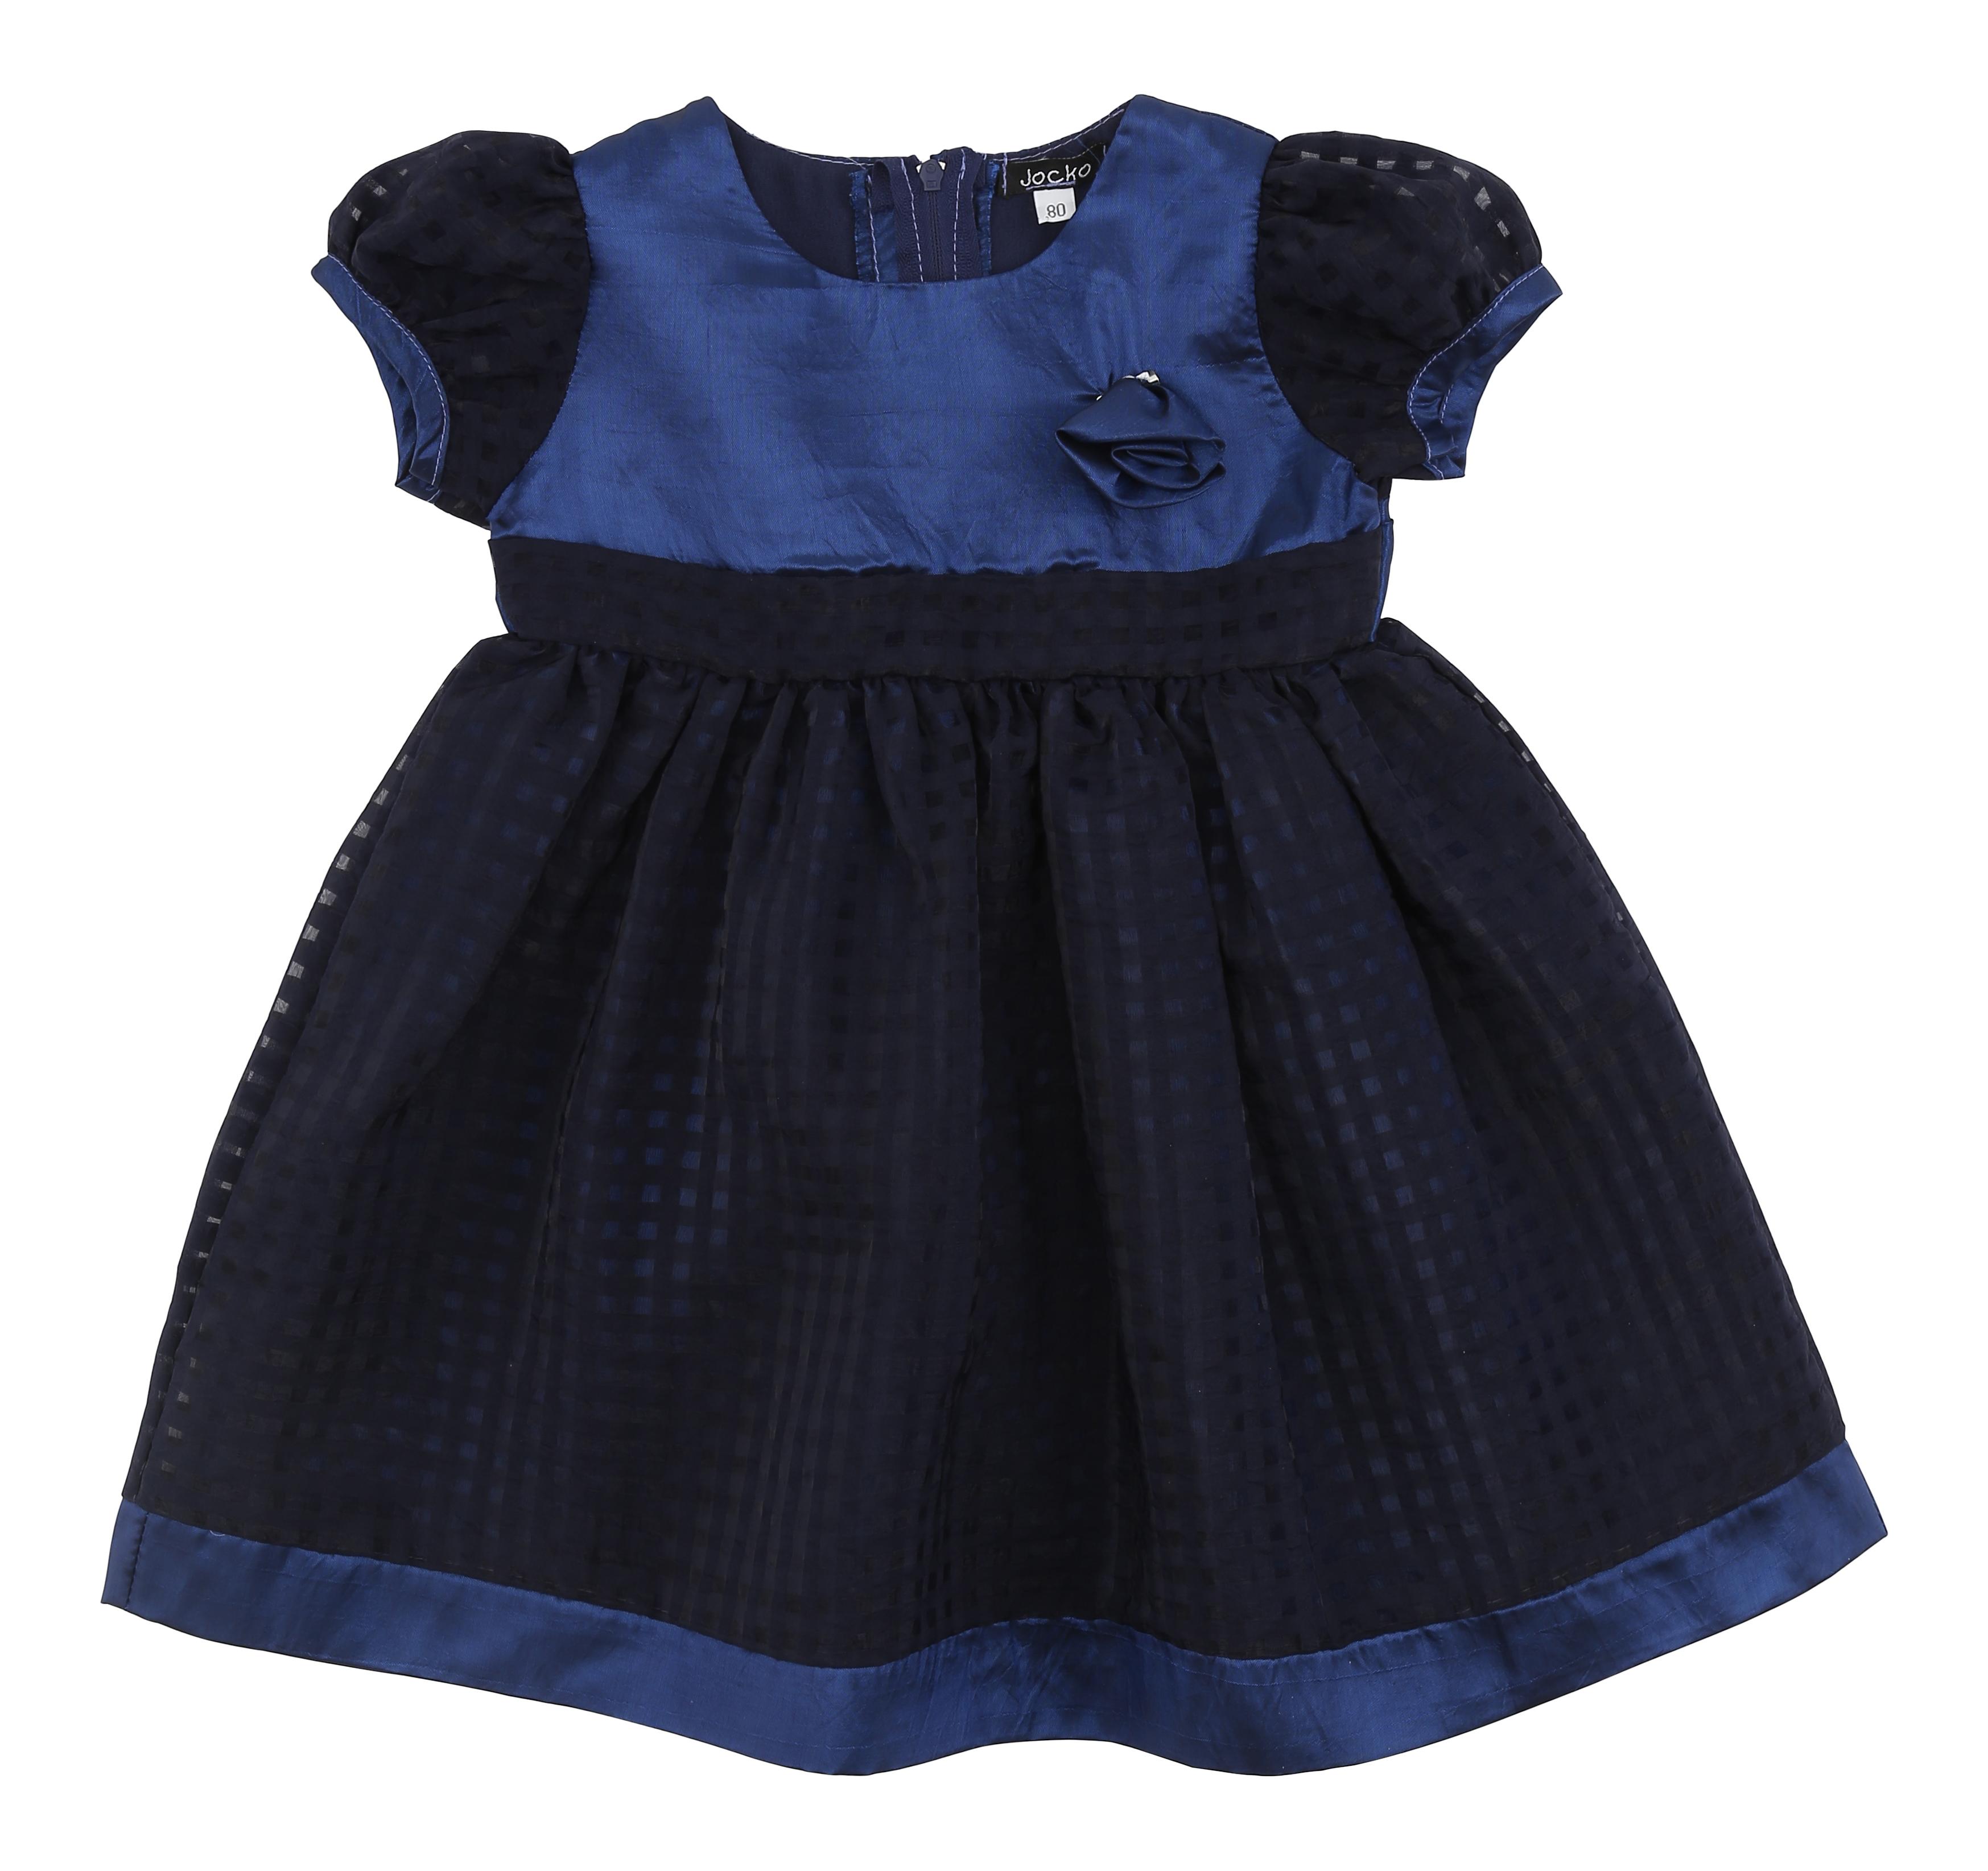 bb05a7c48cac Art. 12033 marine baby kjole i taft kombineret med en vævet tern.